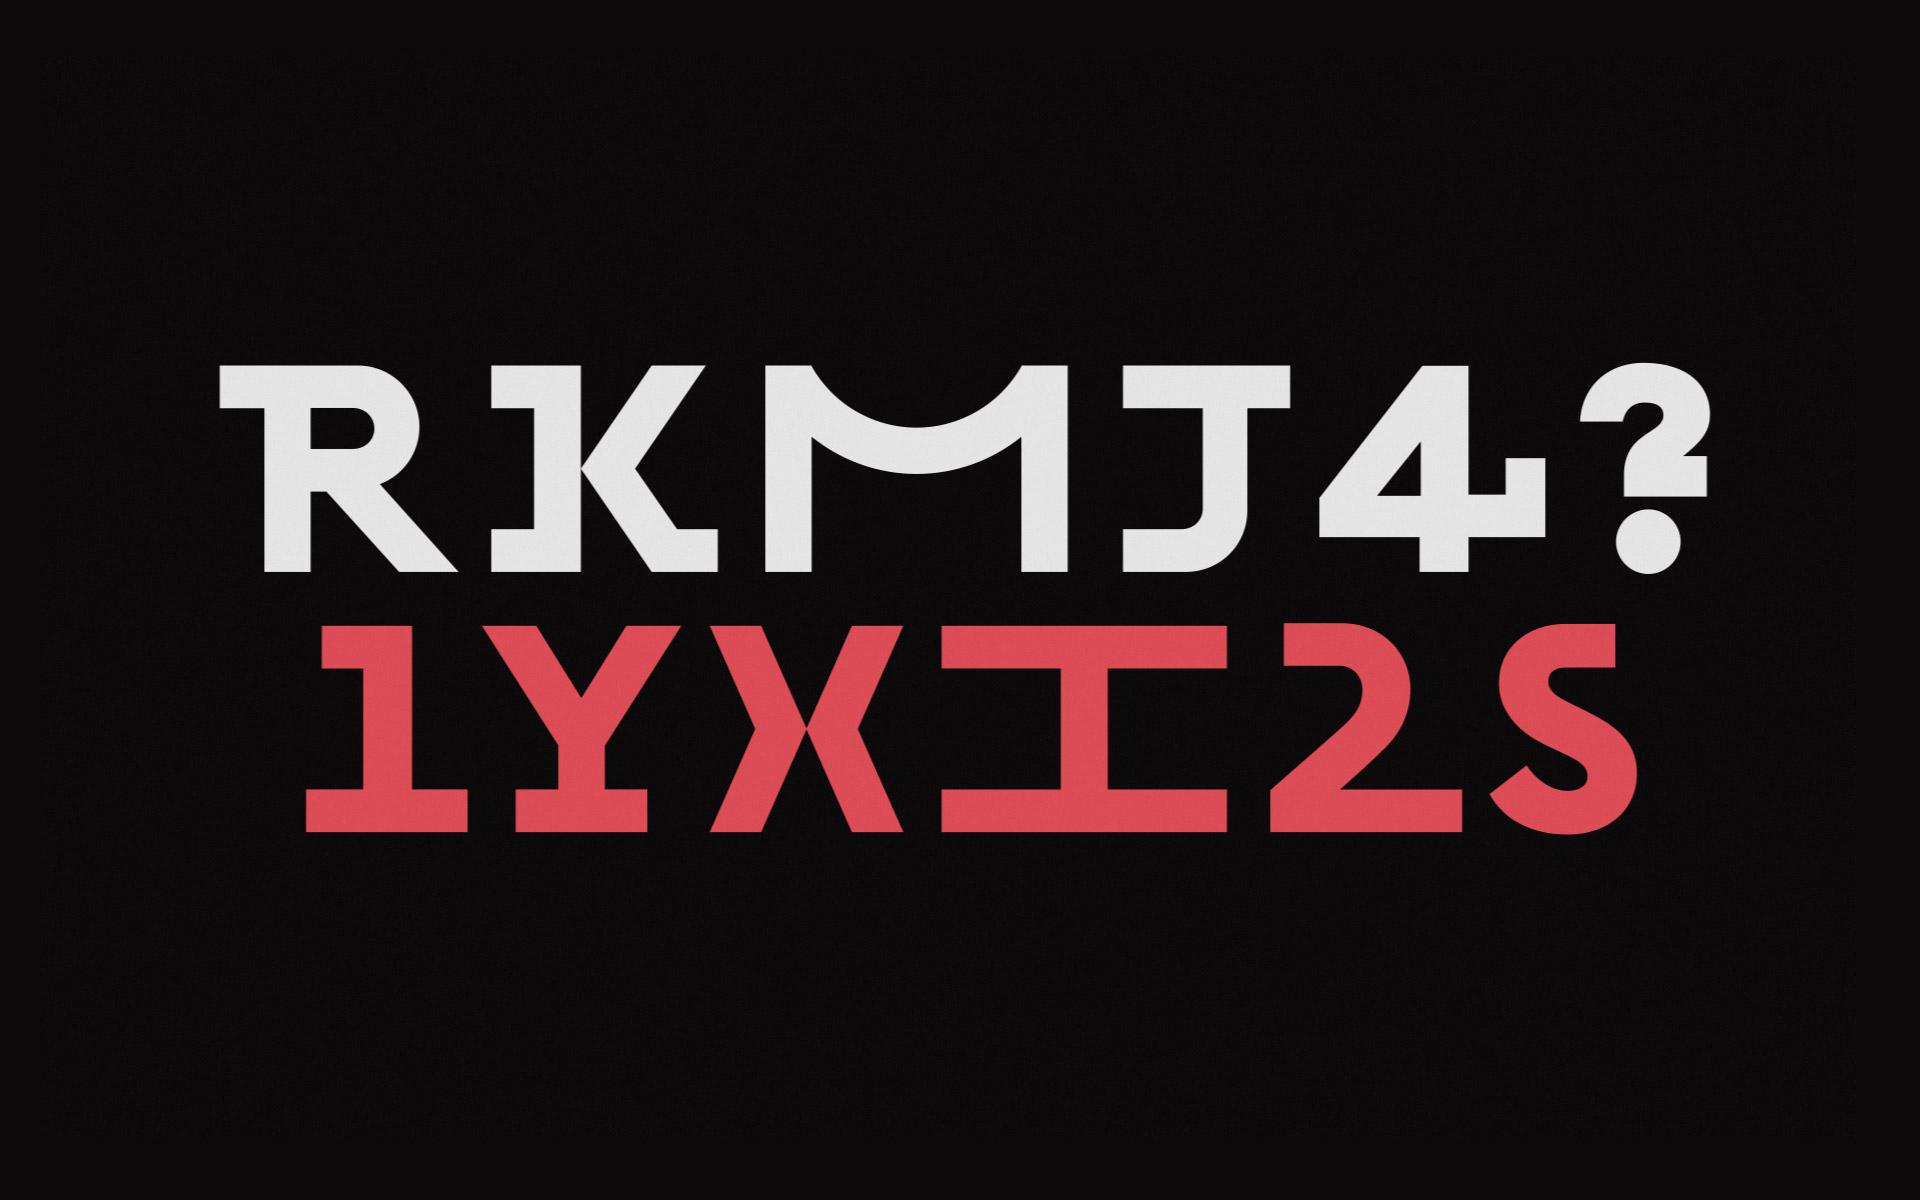 typeface_wired-sawdust-9.jpg